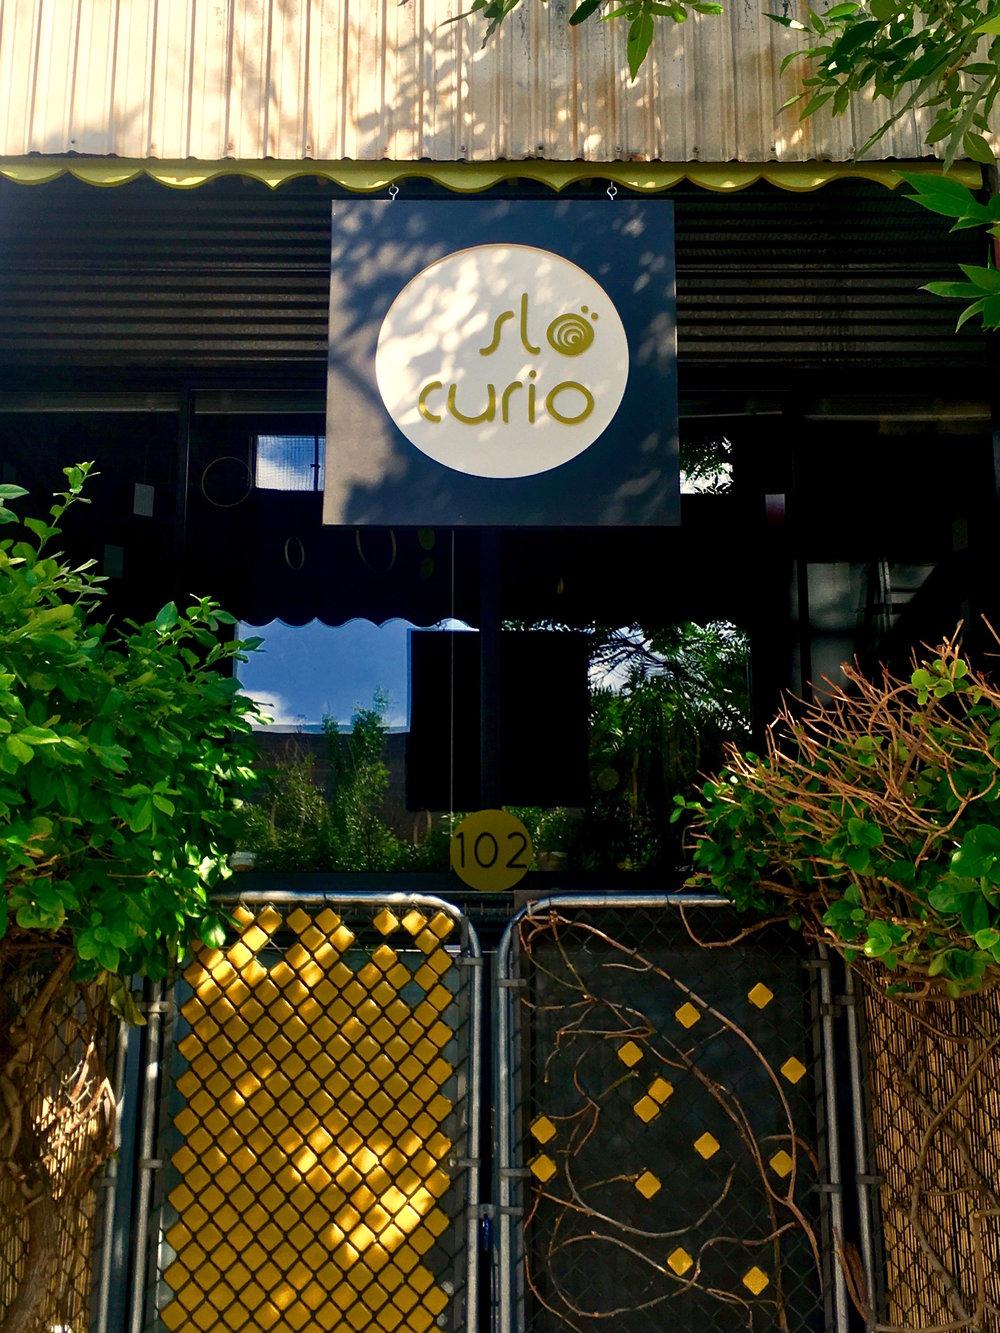 entering slo curio